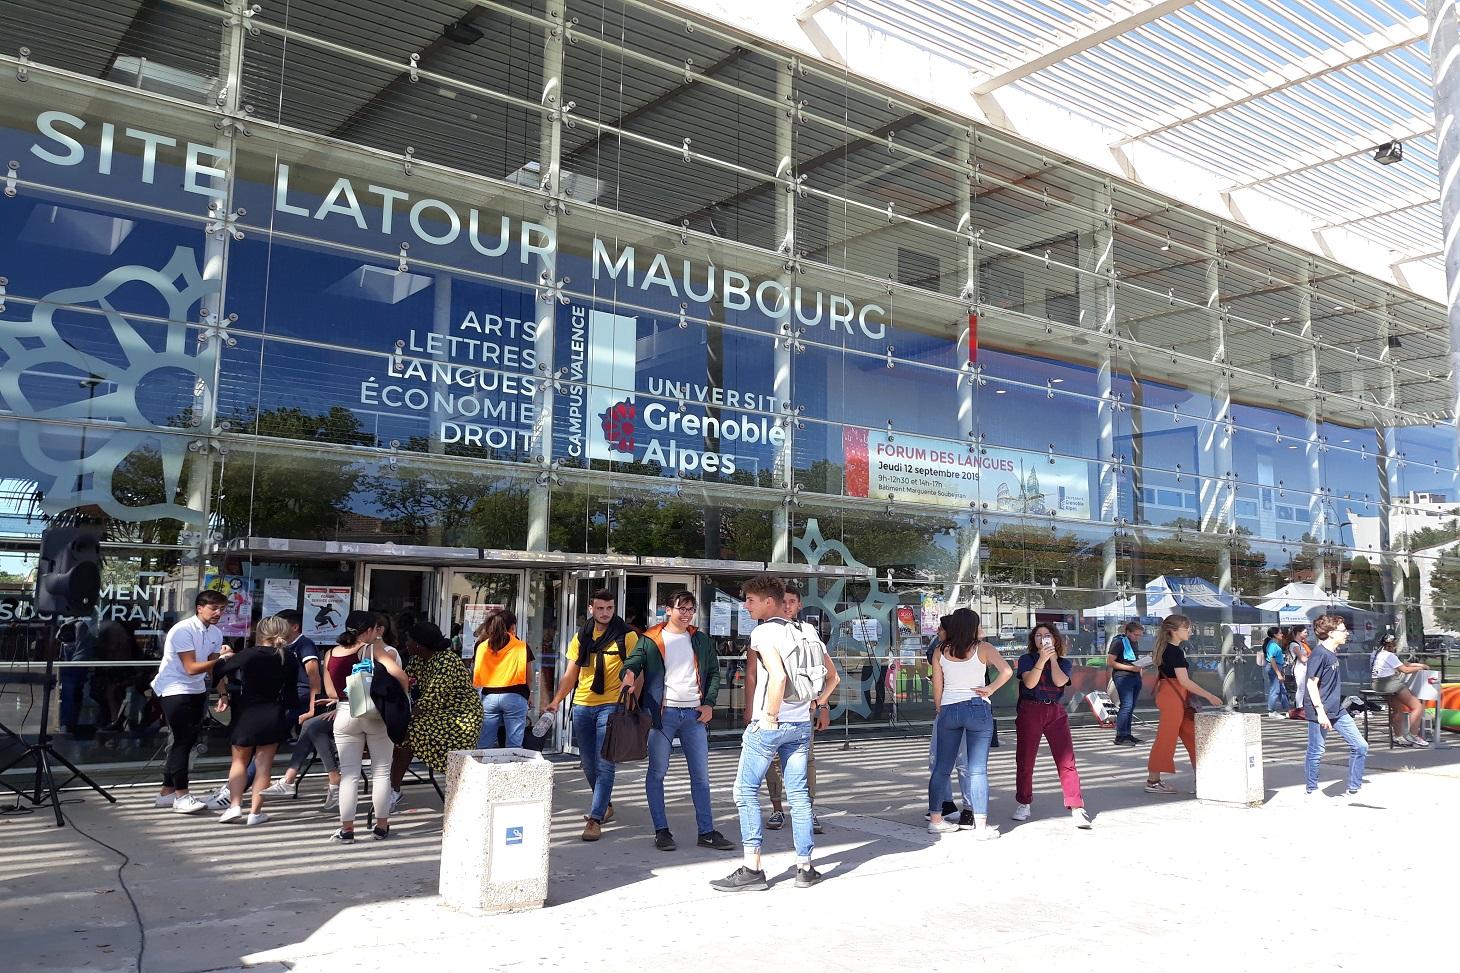 Site Latour Maubourg